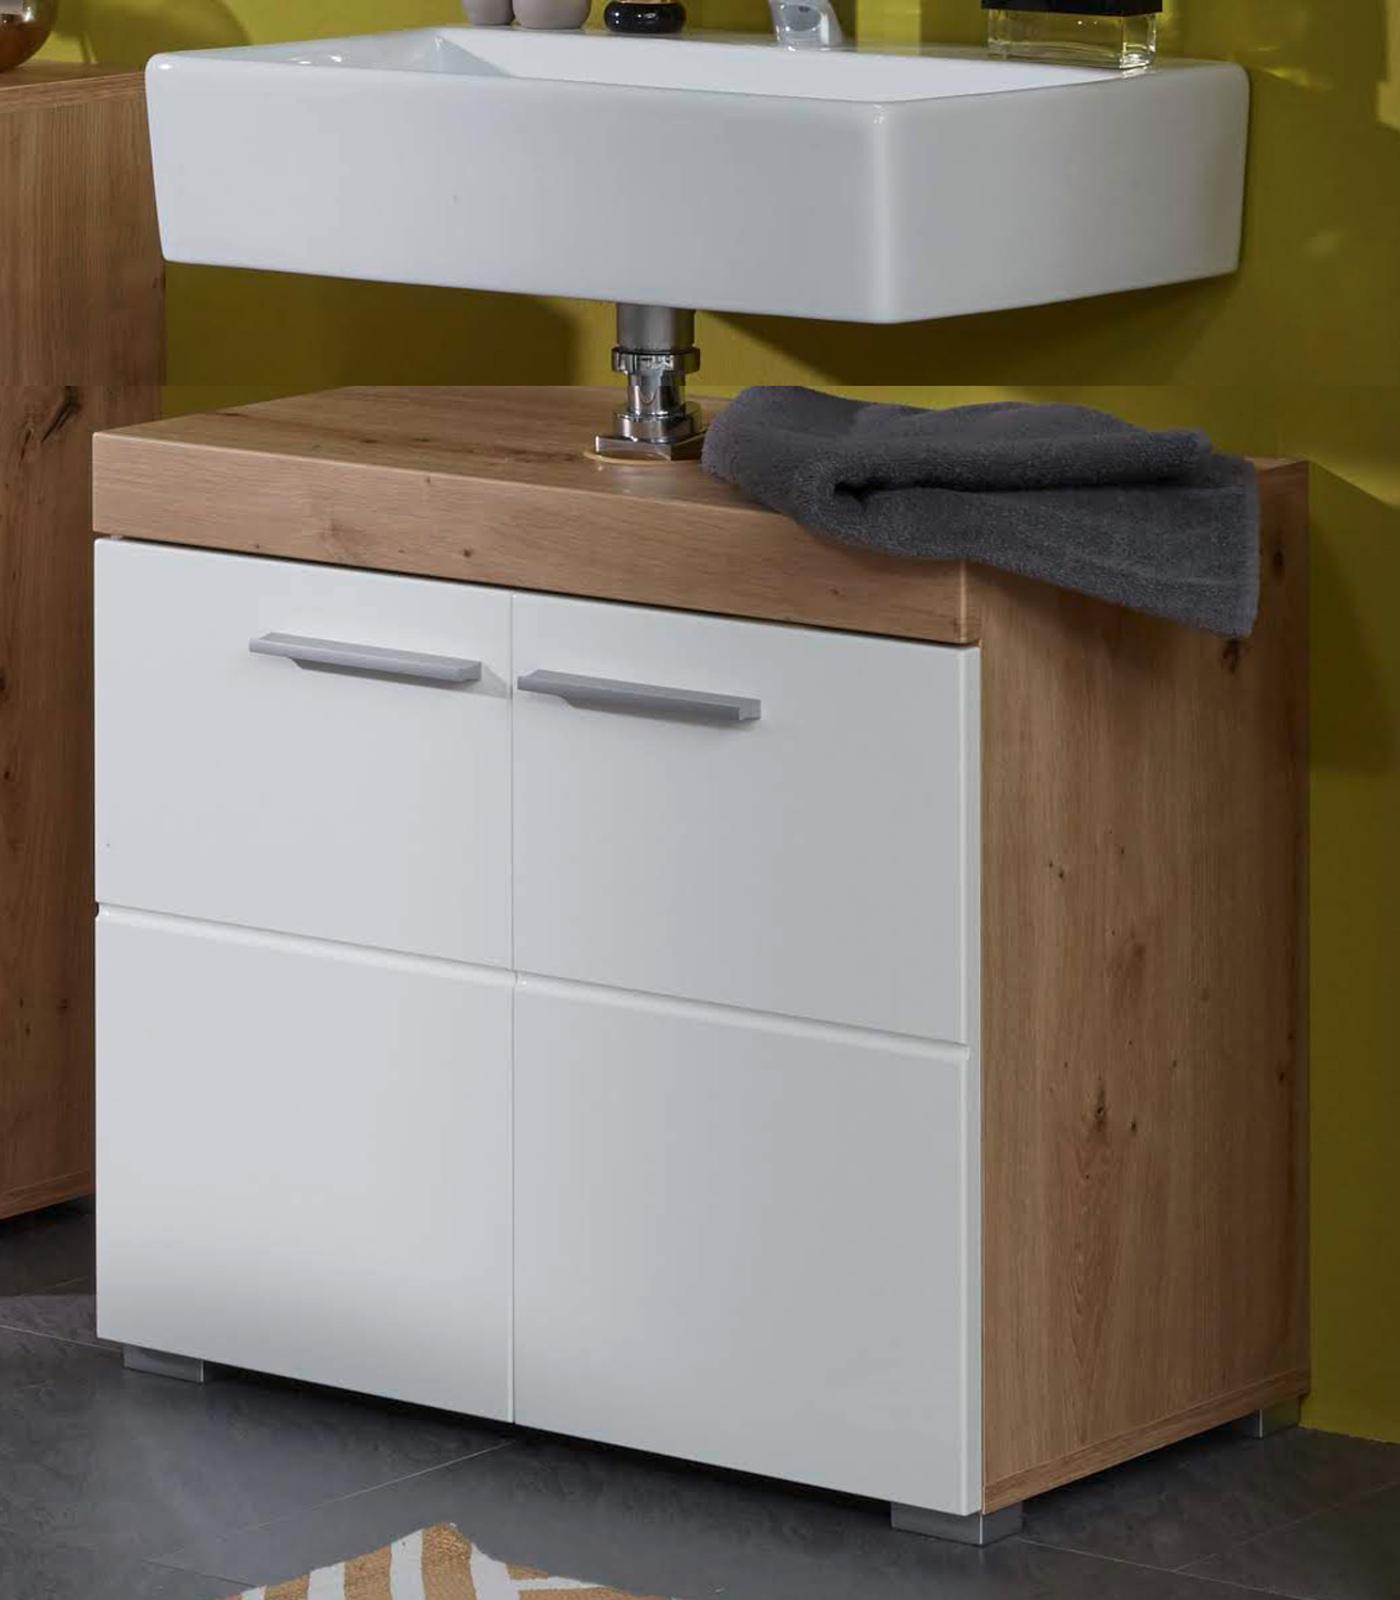 Badezimmer Waschbeckenunterschrank Amanda in Hochglanz weiß und Eiche  Asteiche Badmöbel 20 x 20 cm